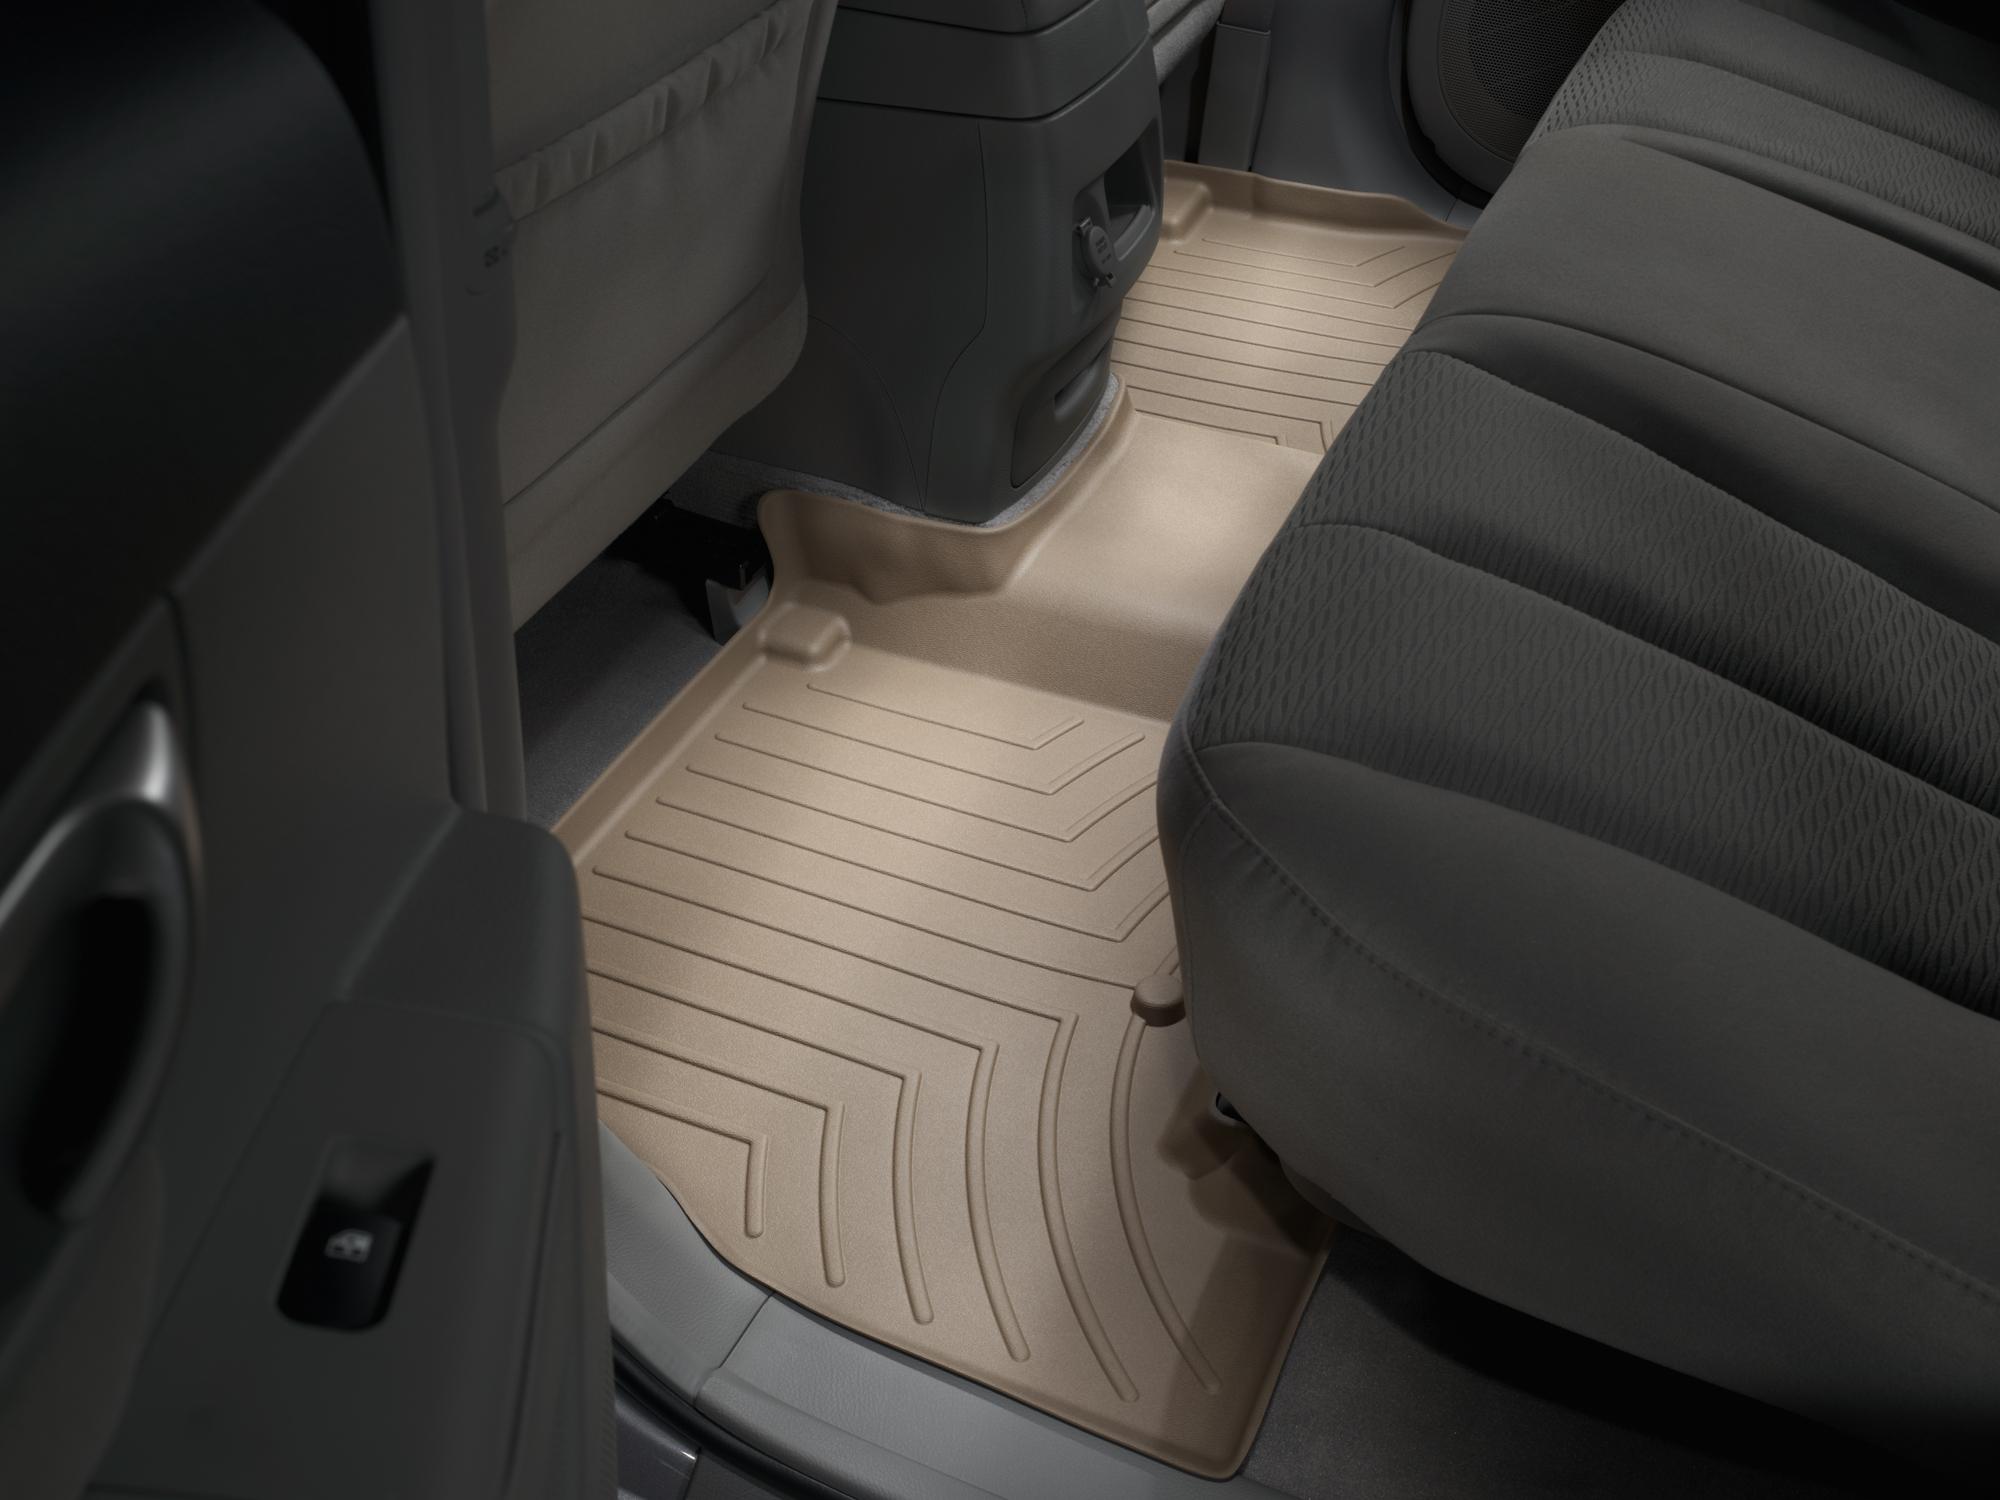 Tappeti gomma su misura bordo alto Hyundai Santa Fe 12>12 Marrone A1484